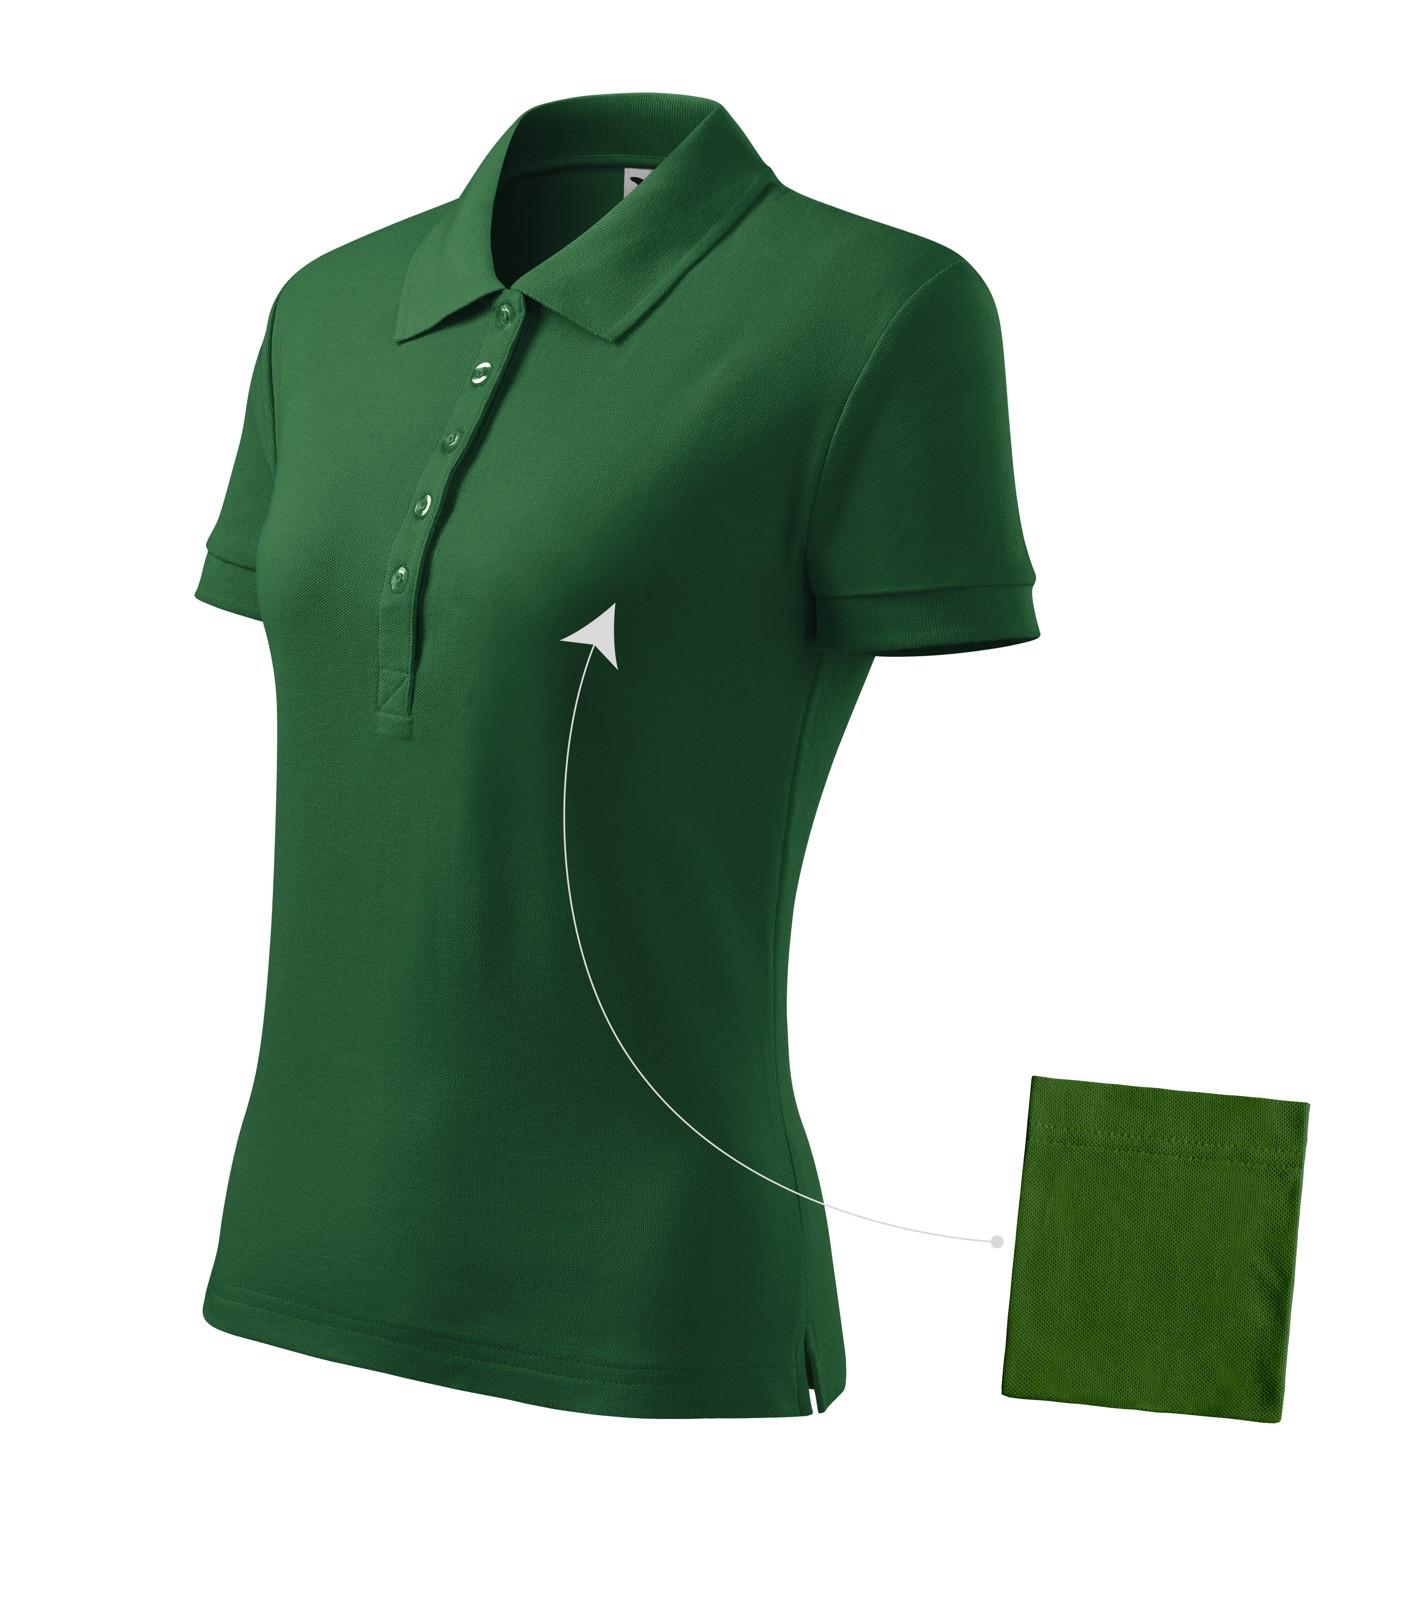 Polokošile dámská Malfini Cotton - Lahvově Zelená / S